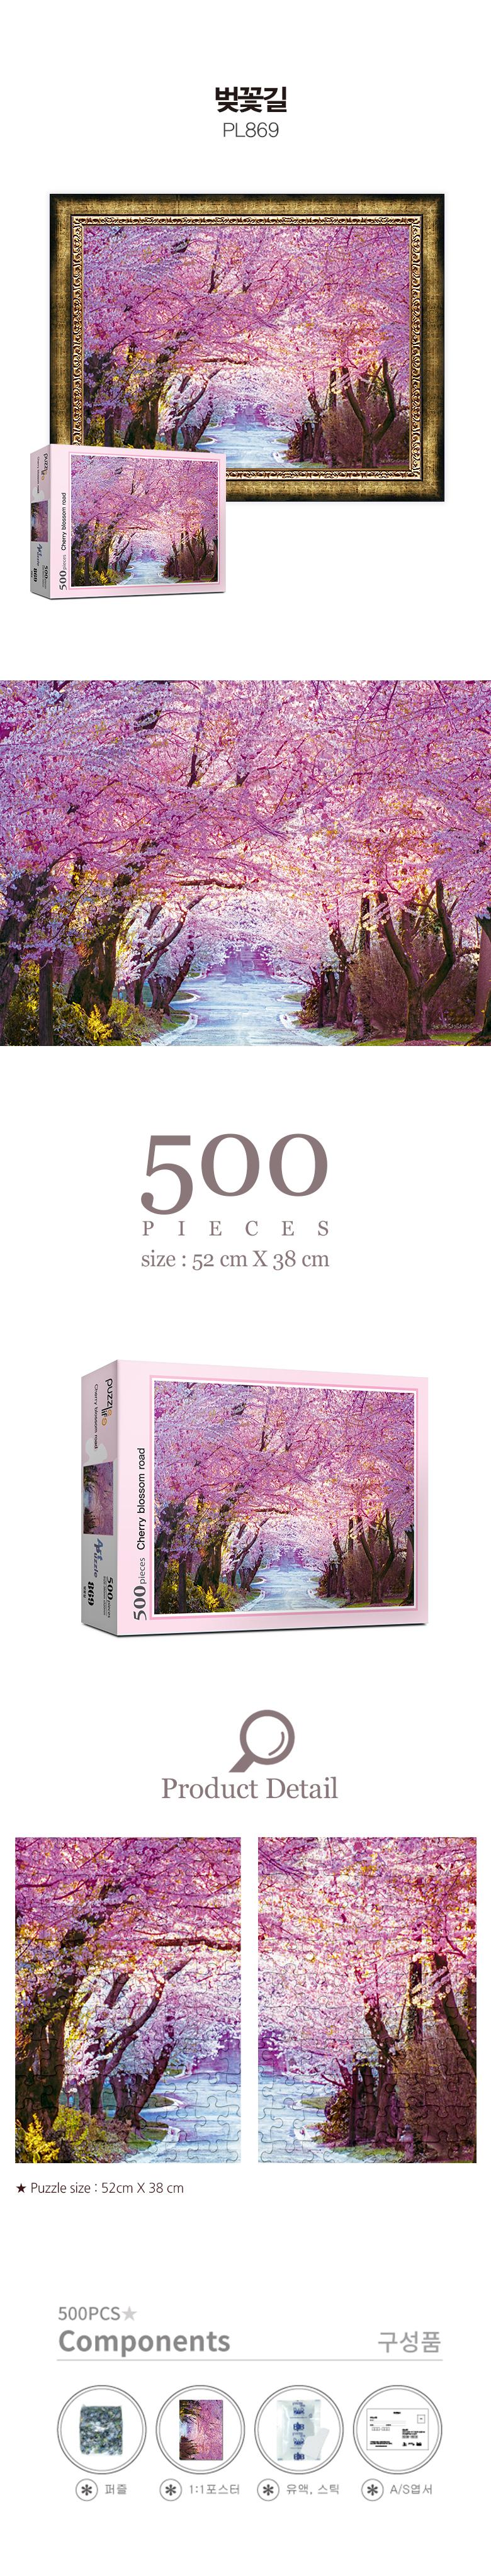 500피스 벚꽃길 직소퍼즐 PL869 - 퍼즐라이프, 12,000원, 조각/퍼즐, 풍경 직소퍼즐